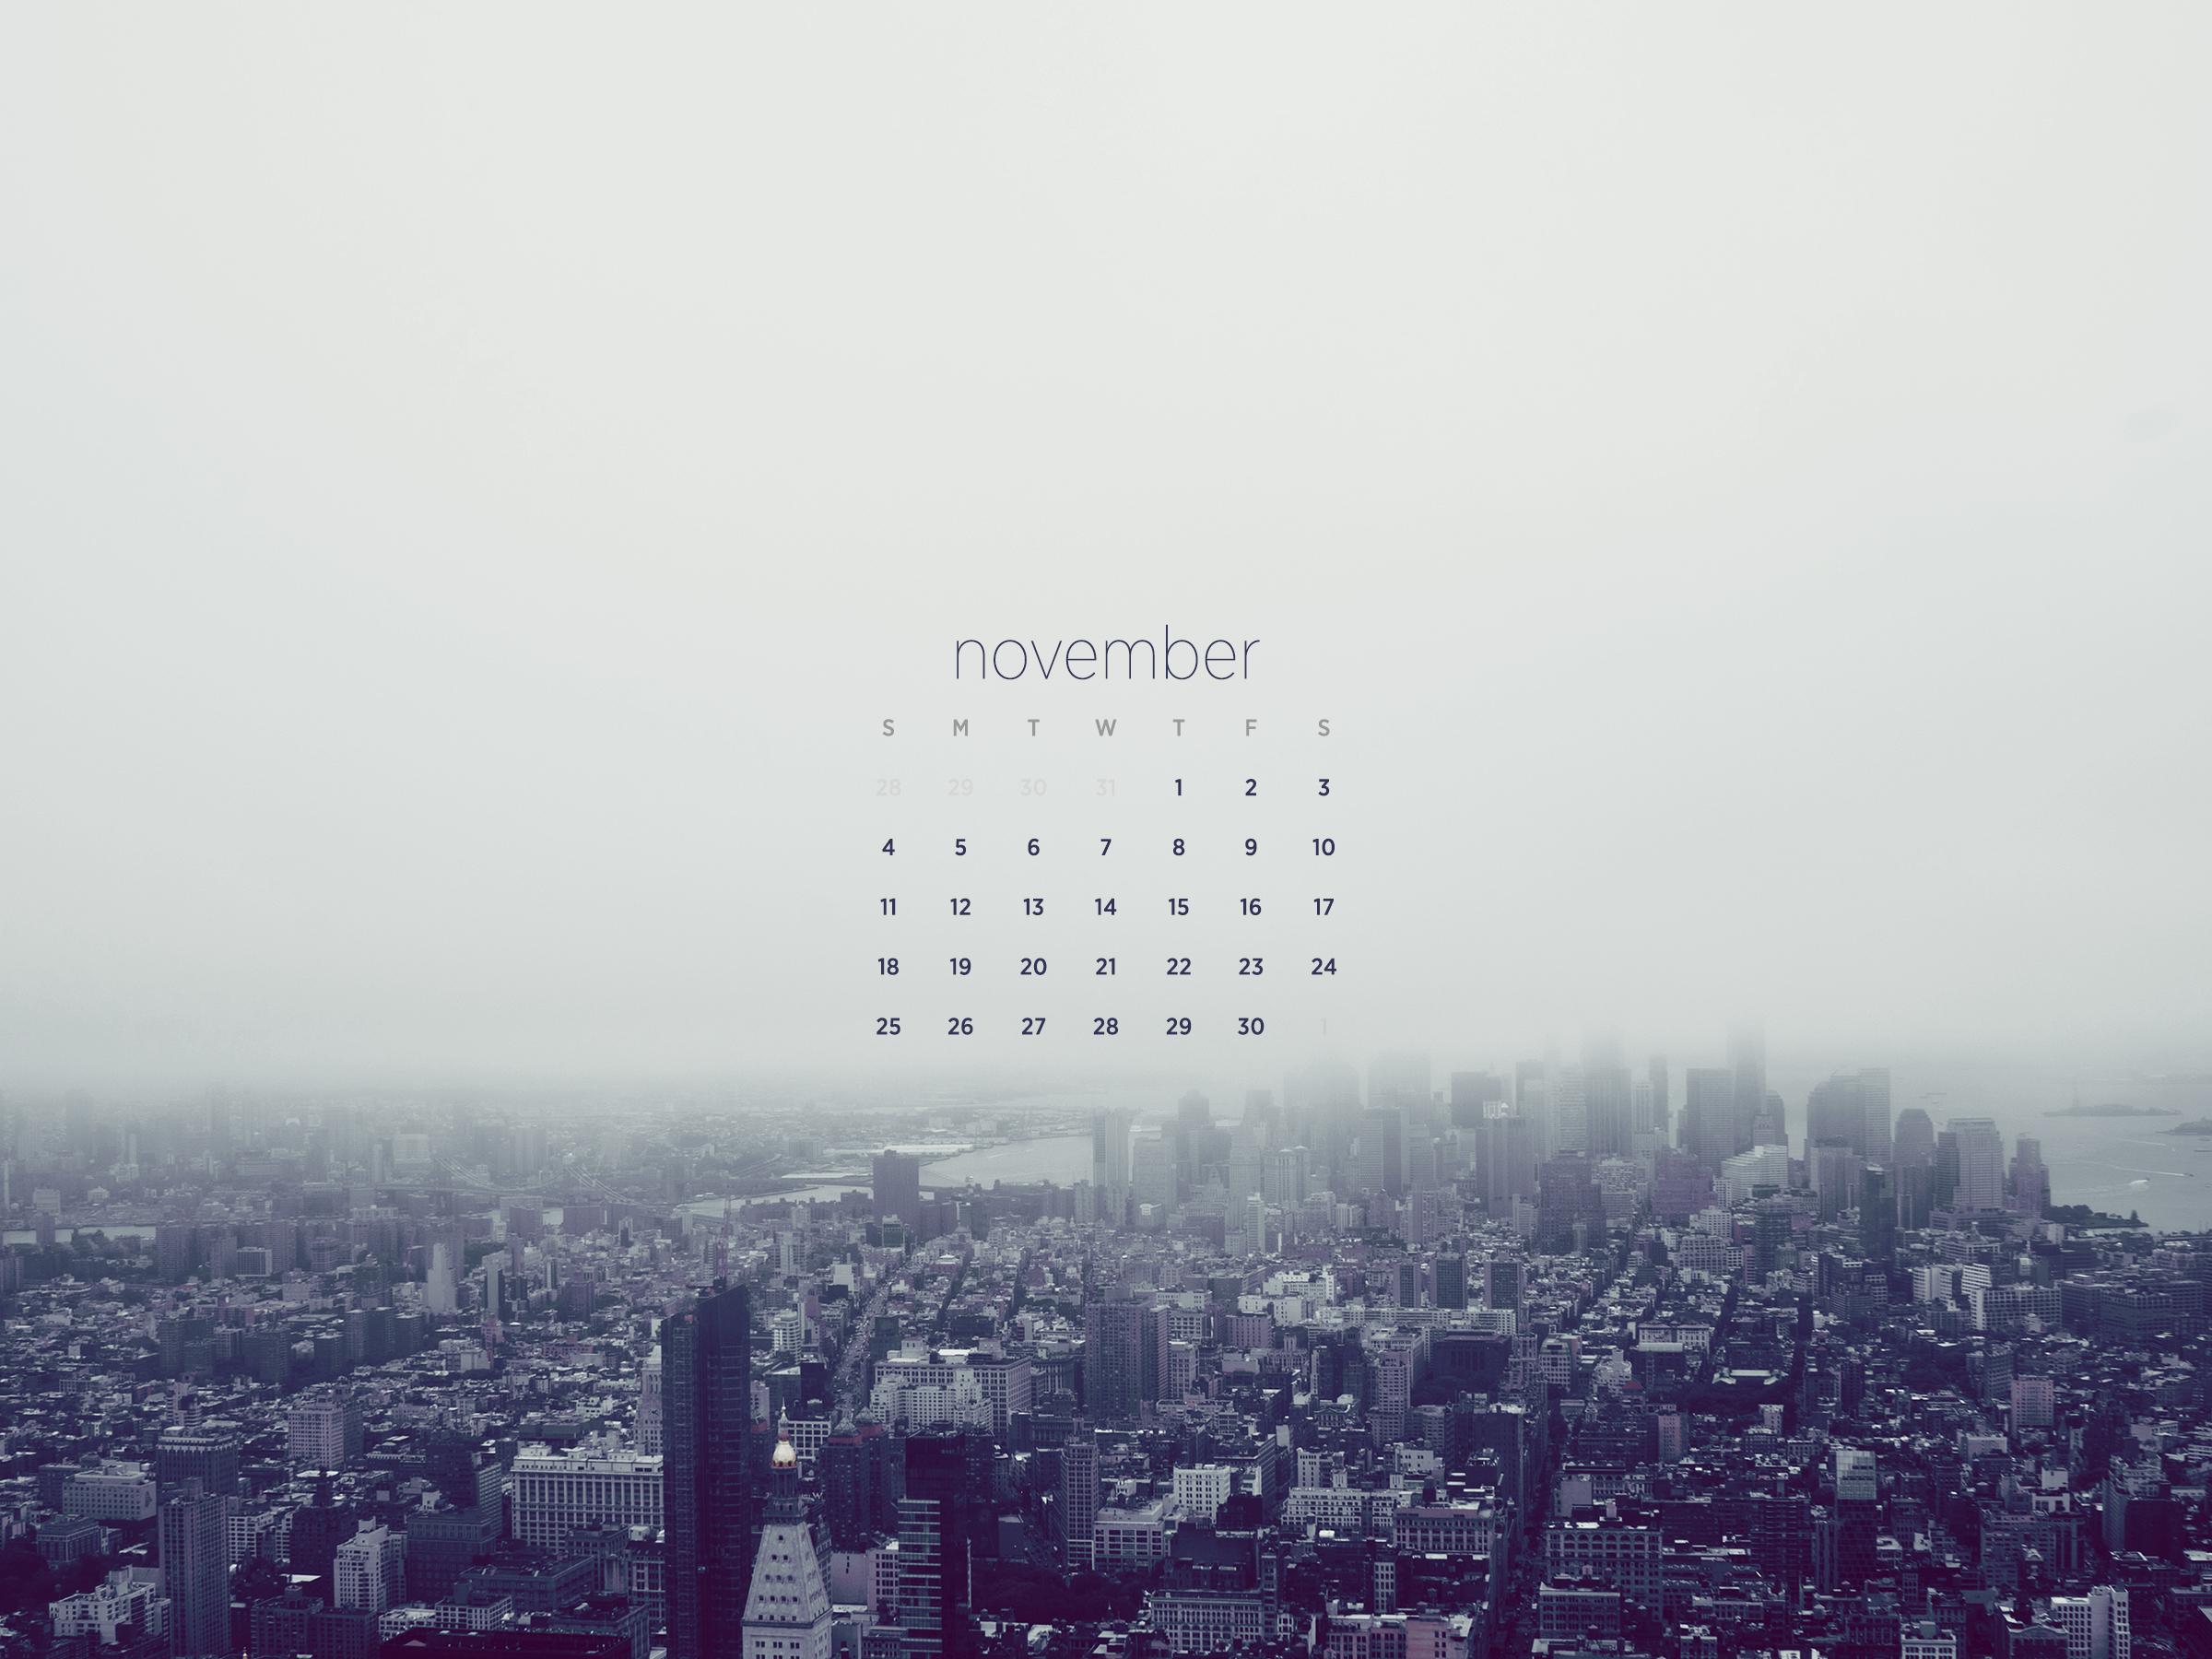 Kriegs 2018 november 2880x1800 calendar